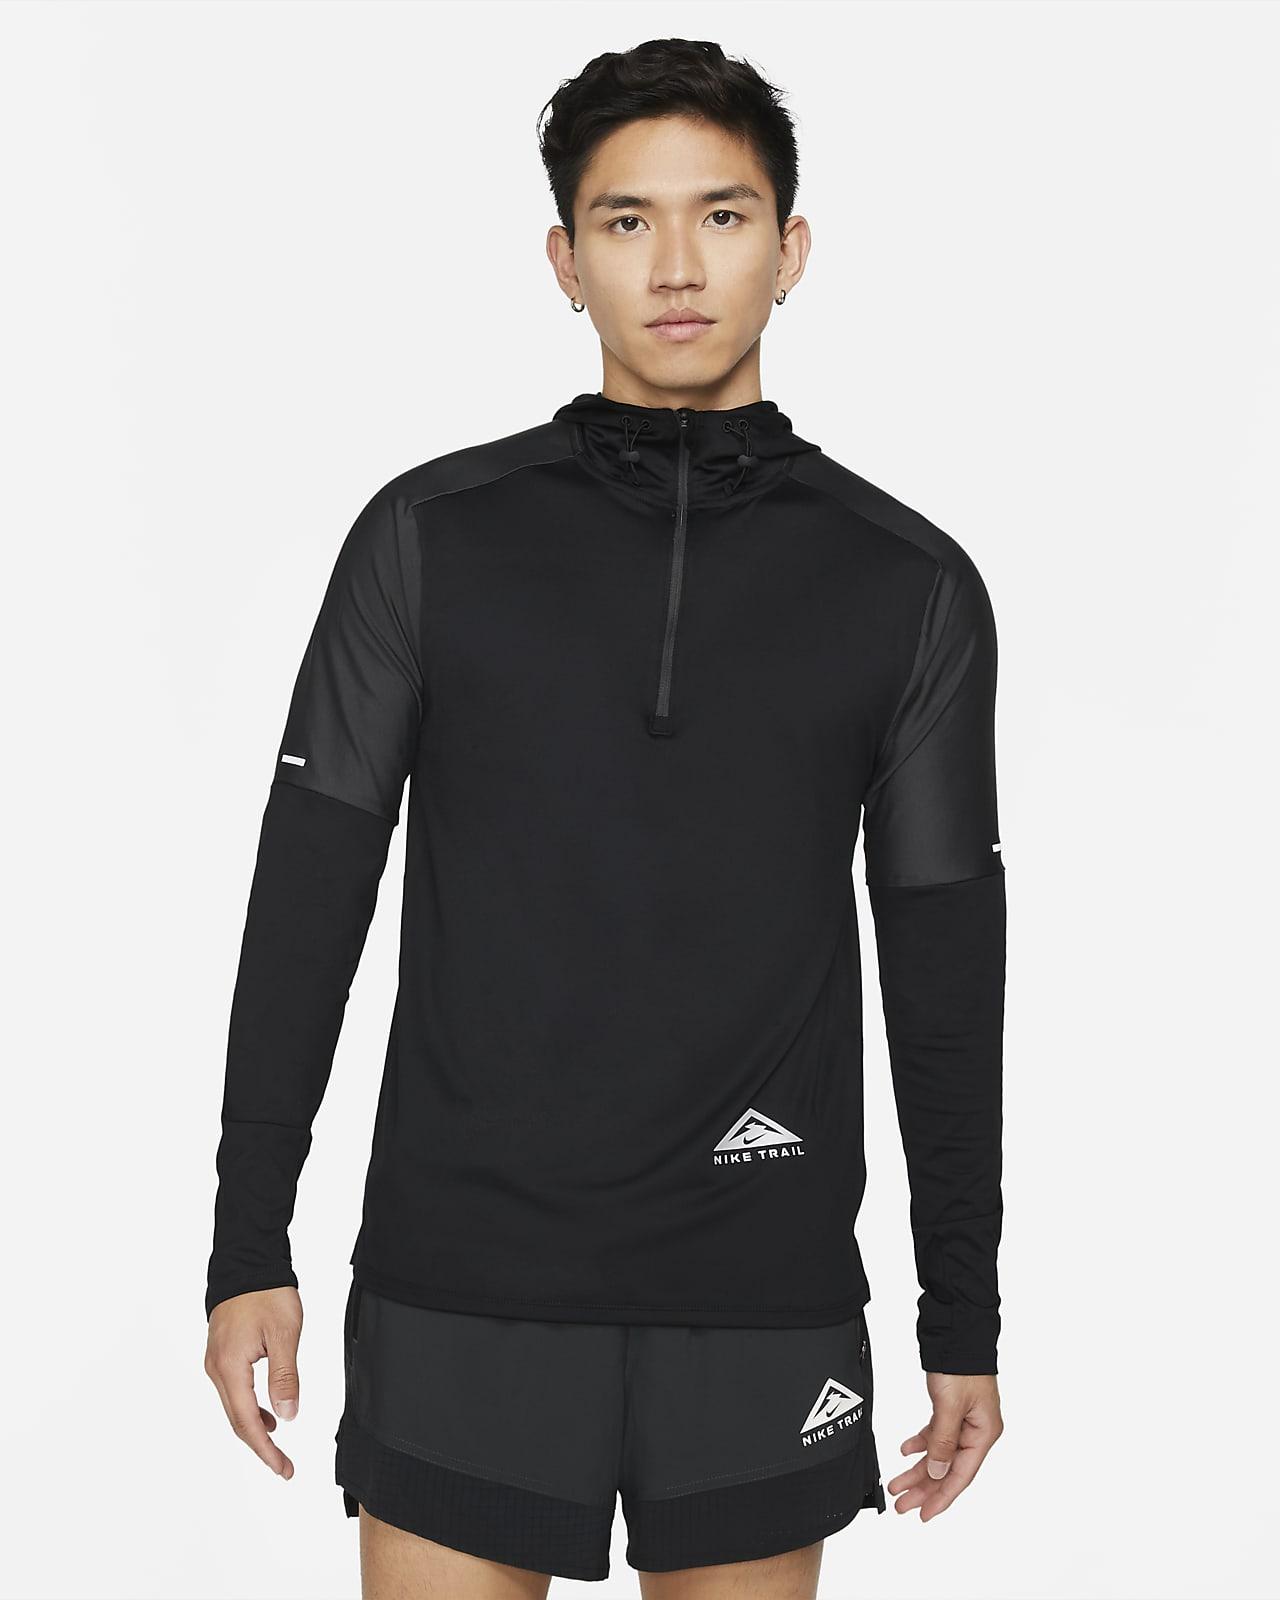 Nike Dri-FIT Trail Element Men's 1/2-Zip Trail Running Top